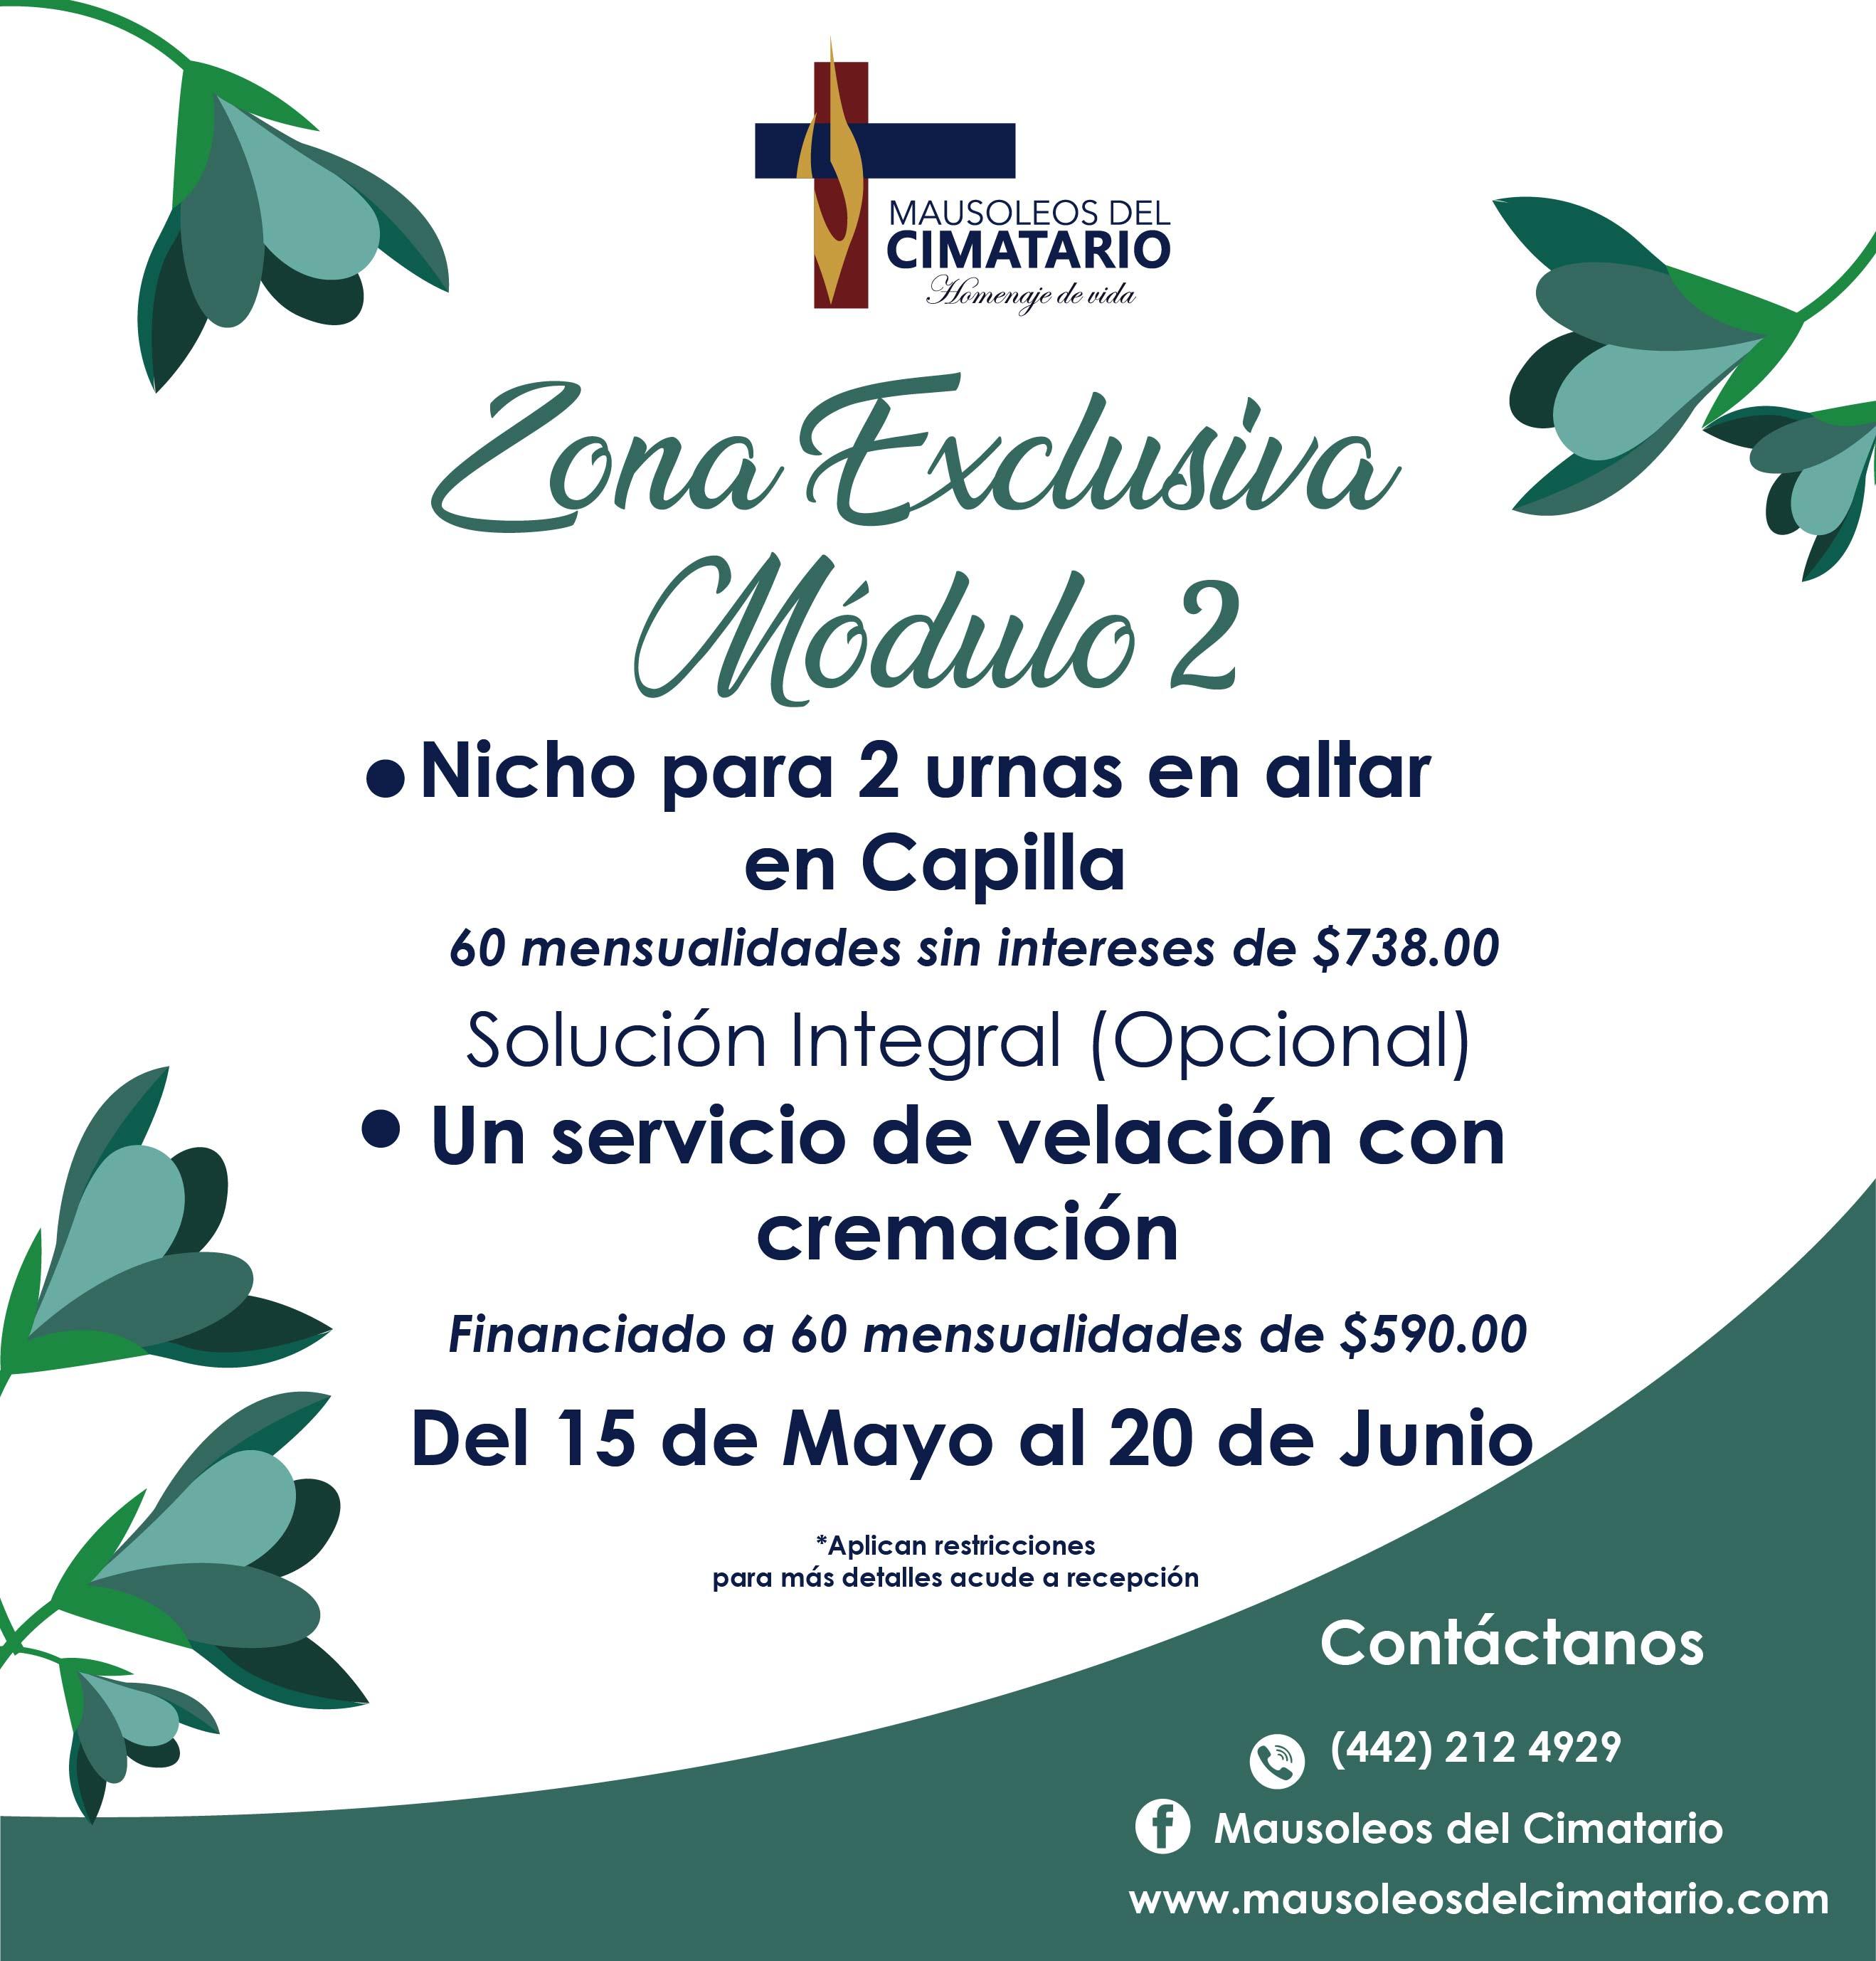 Promocion Mayo/Junio Mausoleos del Cimatario.